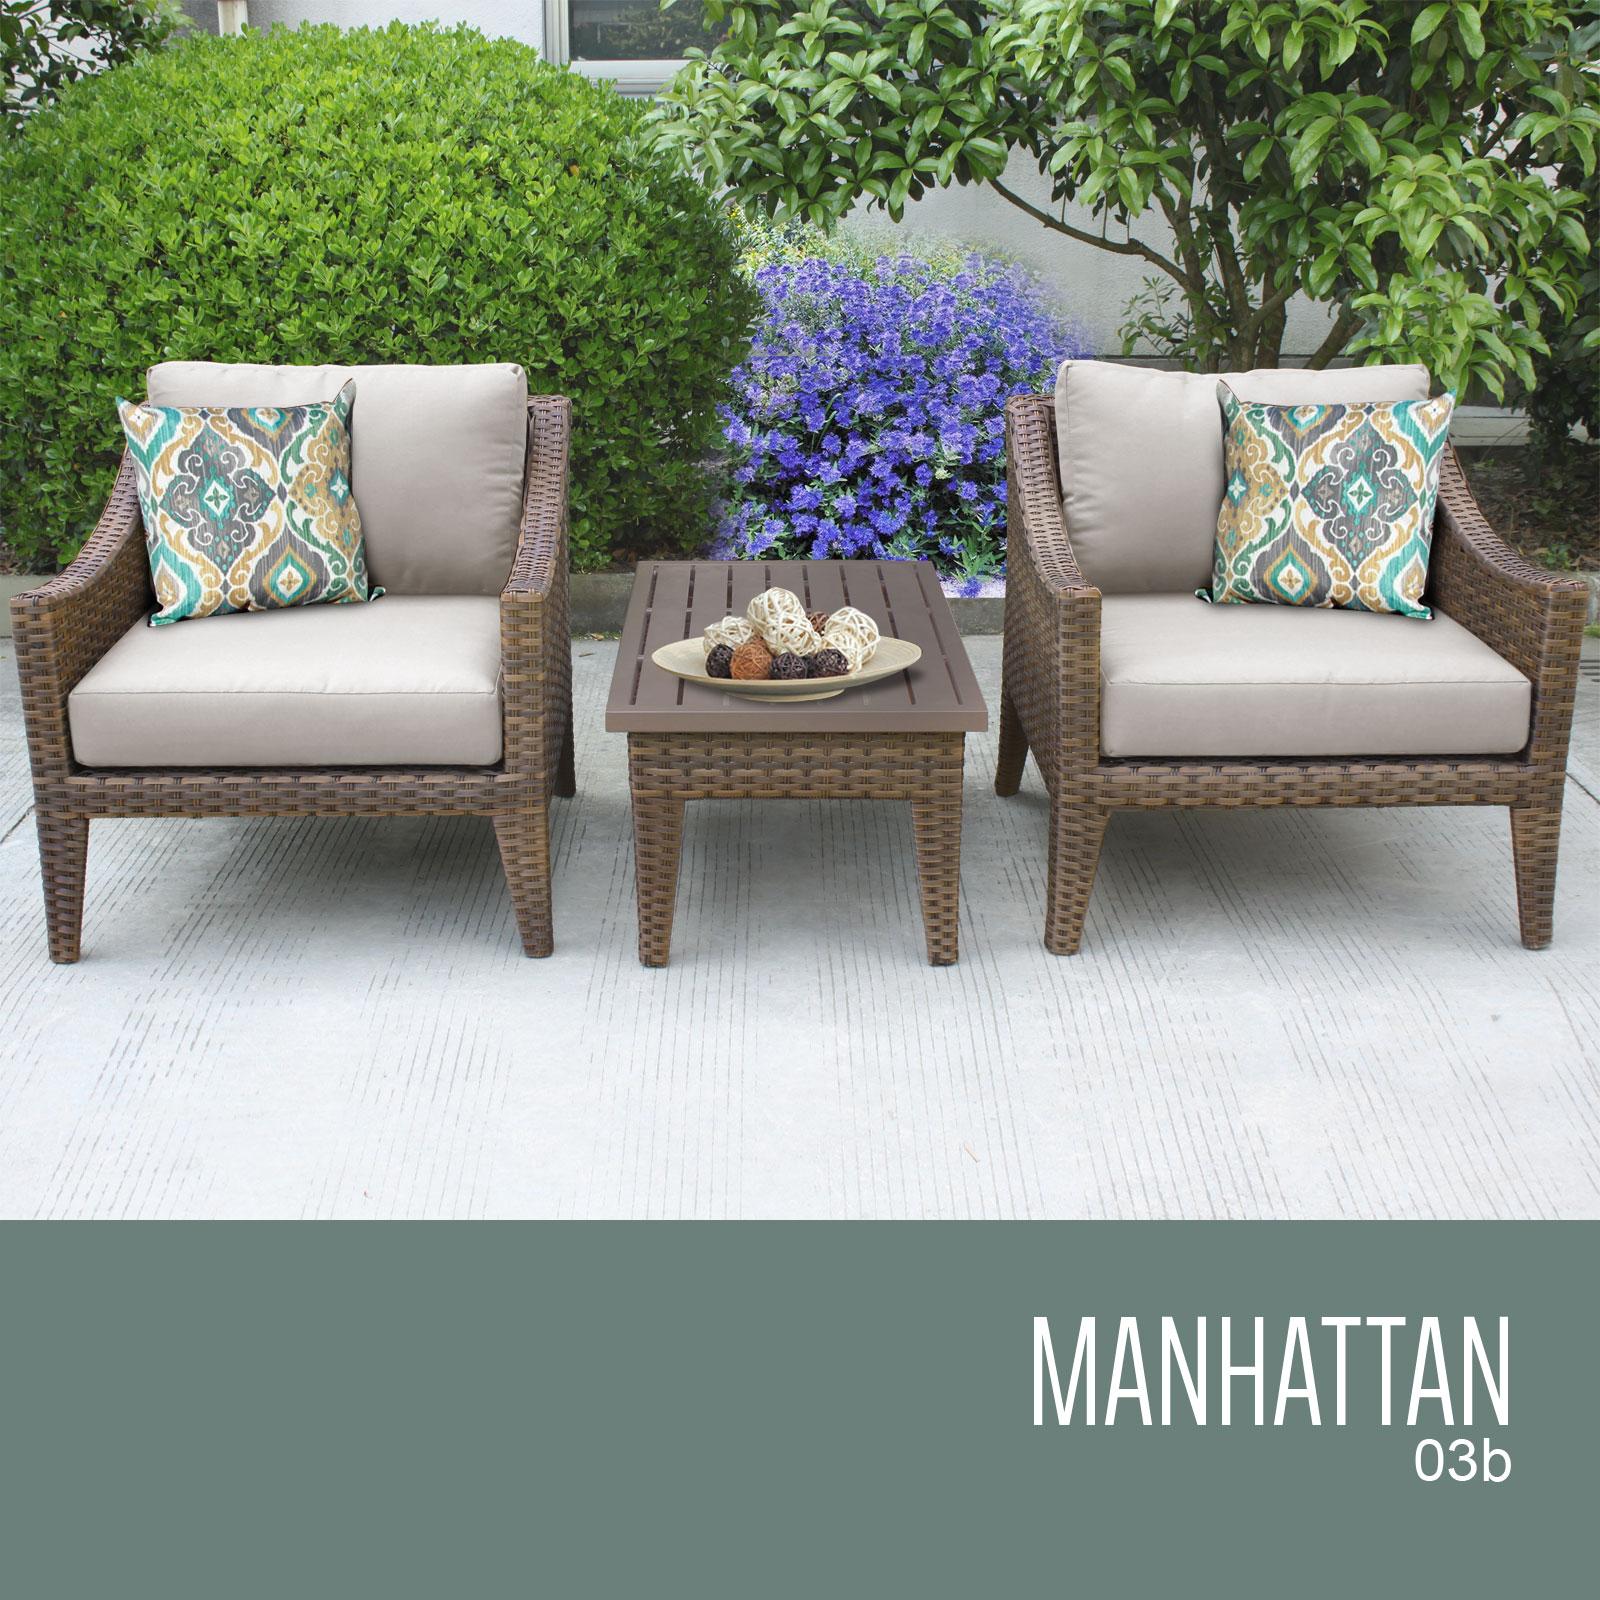 Beige Manhattan 3 Piece Outdoor Wicker Patio Furniture Set 03b